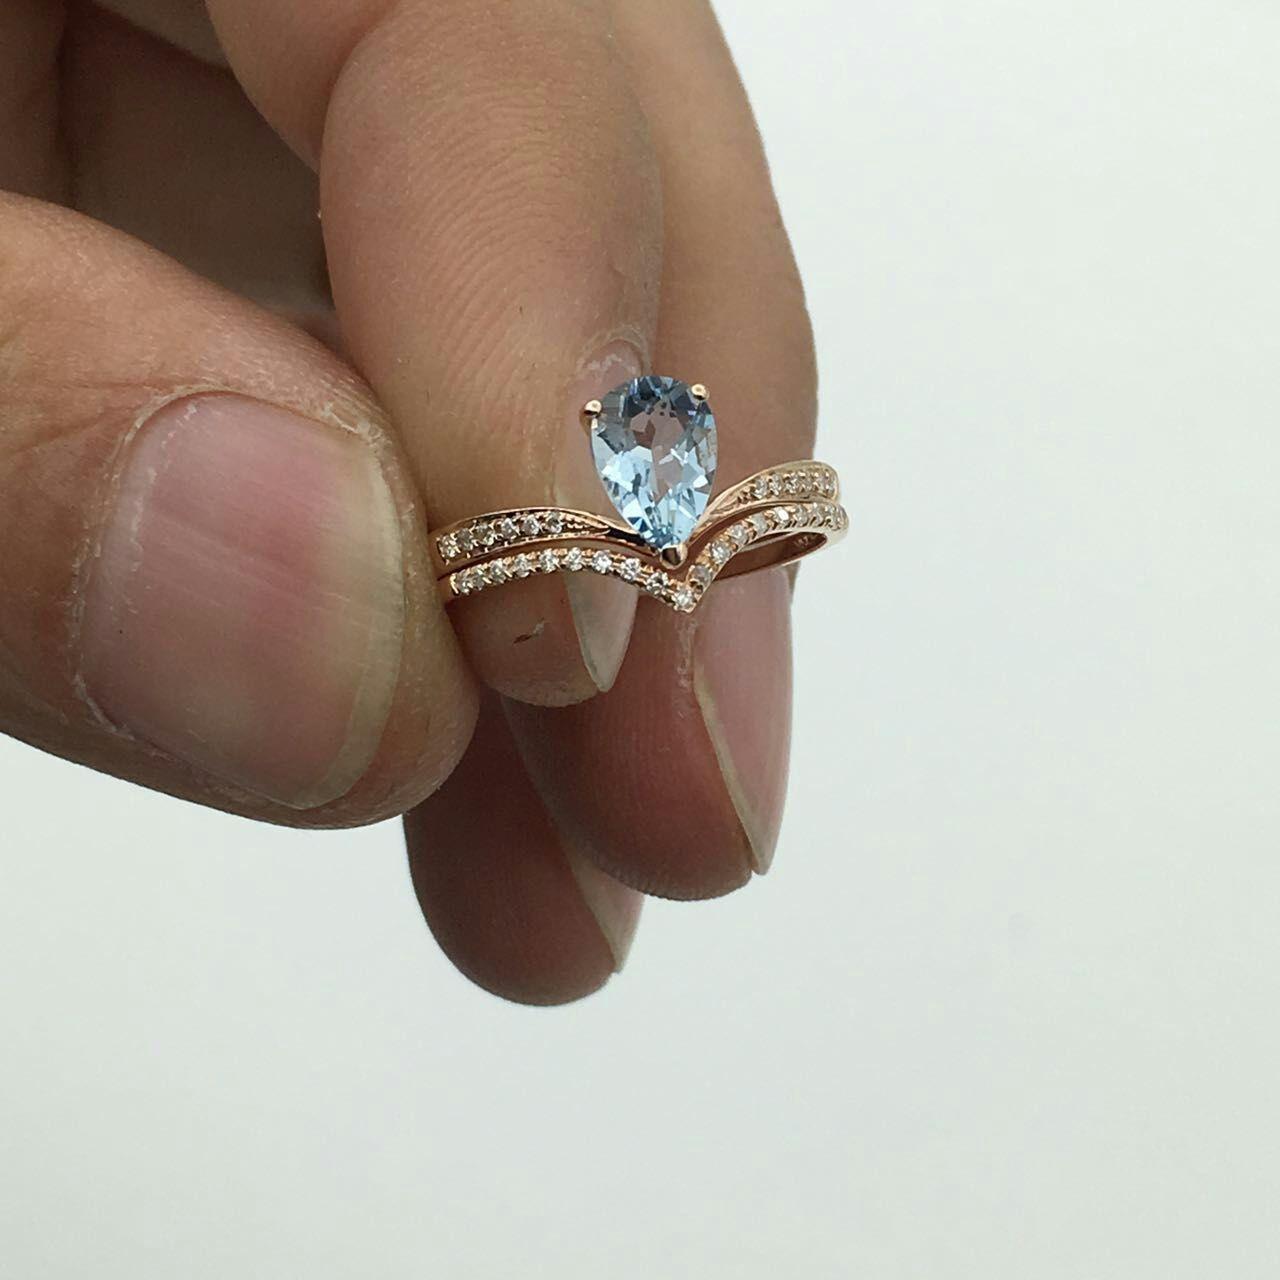 Sale Pear Aquamarine Ring Set Diamond Wedding Ring Bridal Set Wedding Ring Set Ro Wedding Ring Sets Aquamarine Engagement Ring Beautiful Wedding Ring Sets